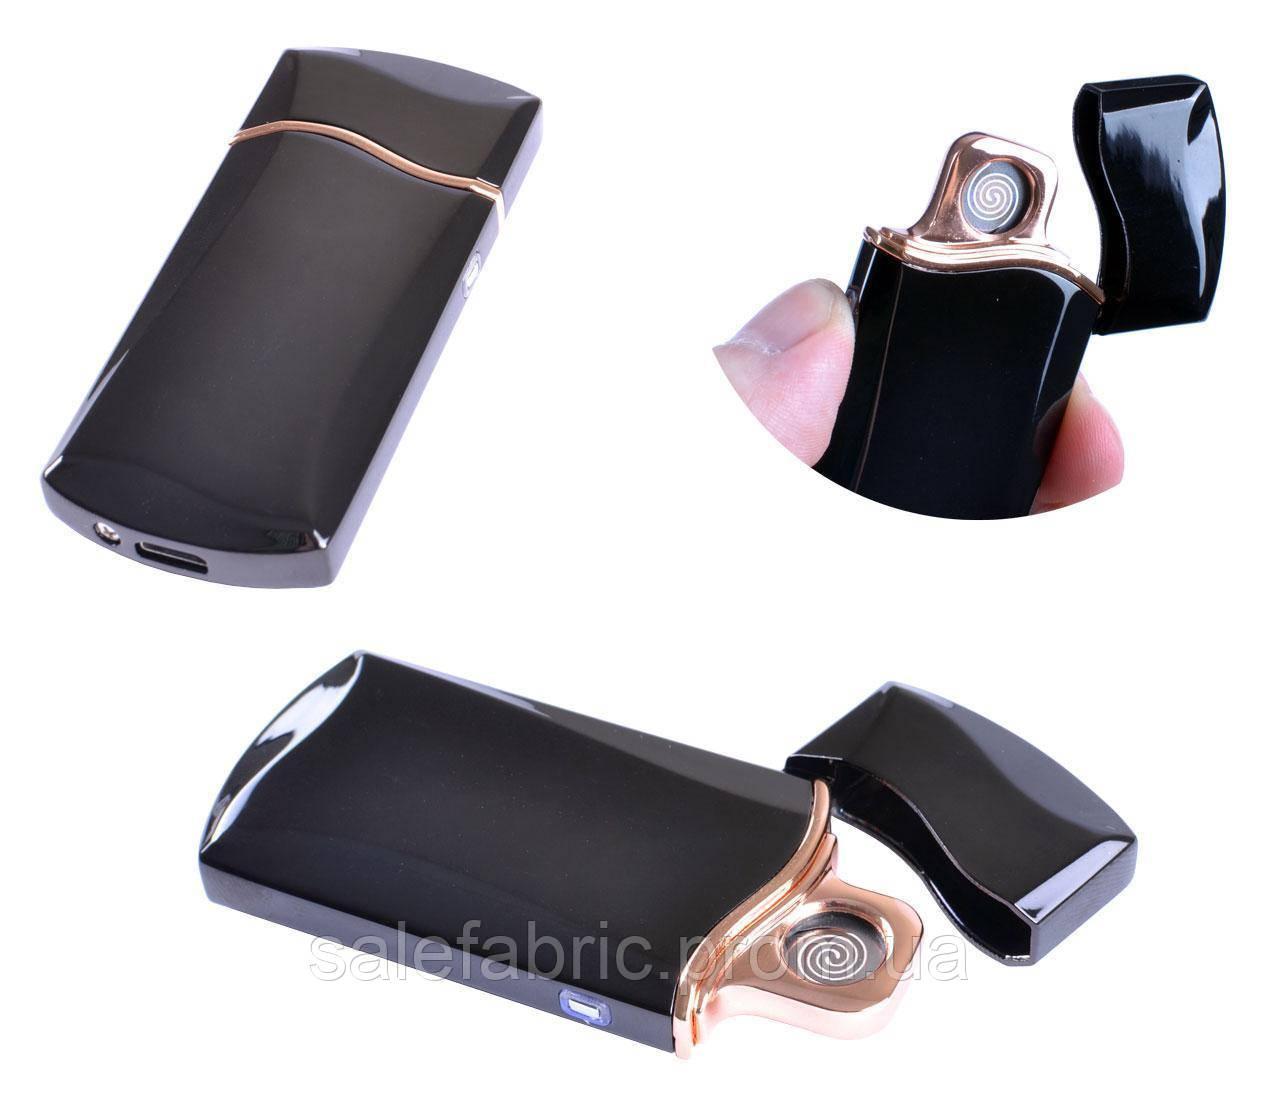 USB  зажигалка в подарочной упаковке FLAMINGO (Cпираль накаливания) №XT-4955-1